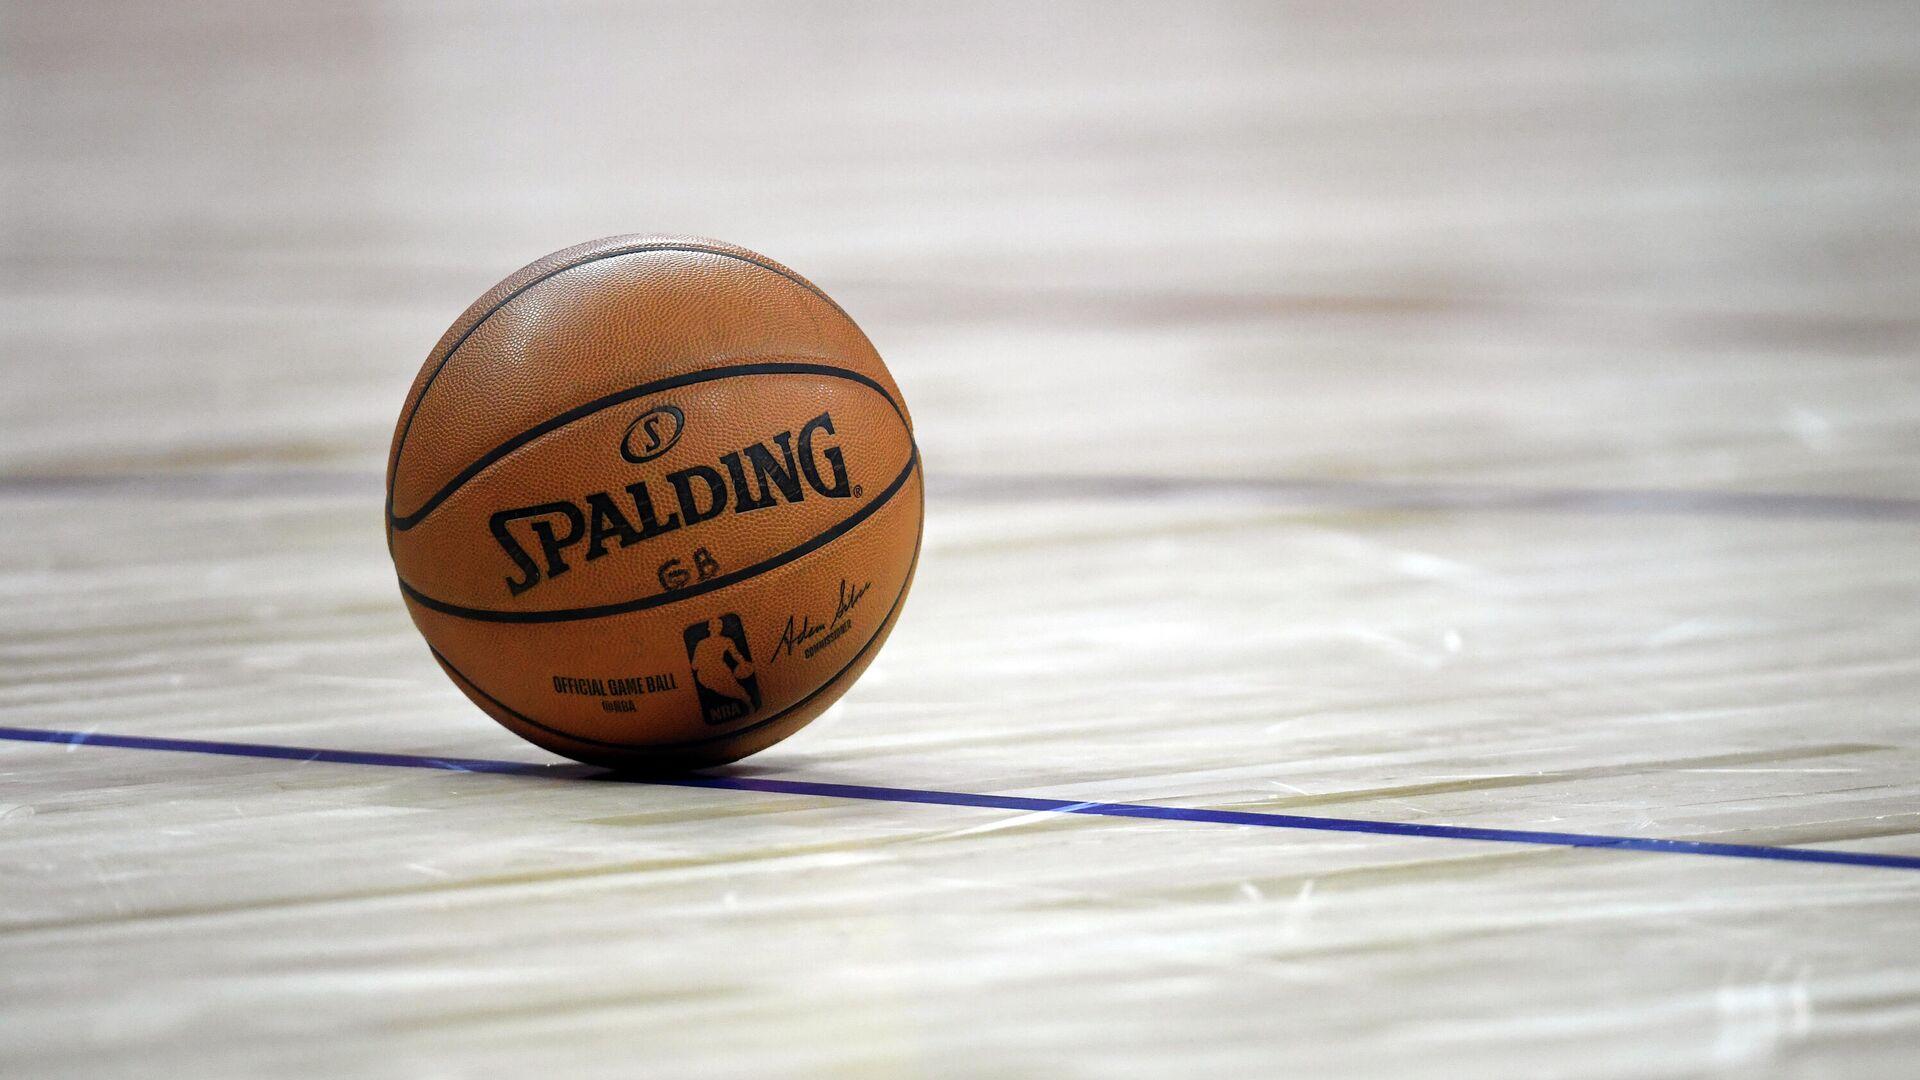 Баскетбольный мяч - РИА Новости, 1920, 12.11.2020